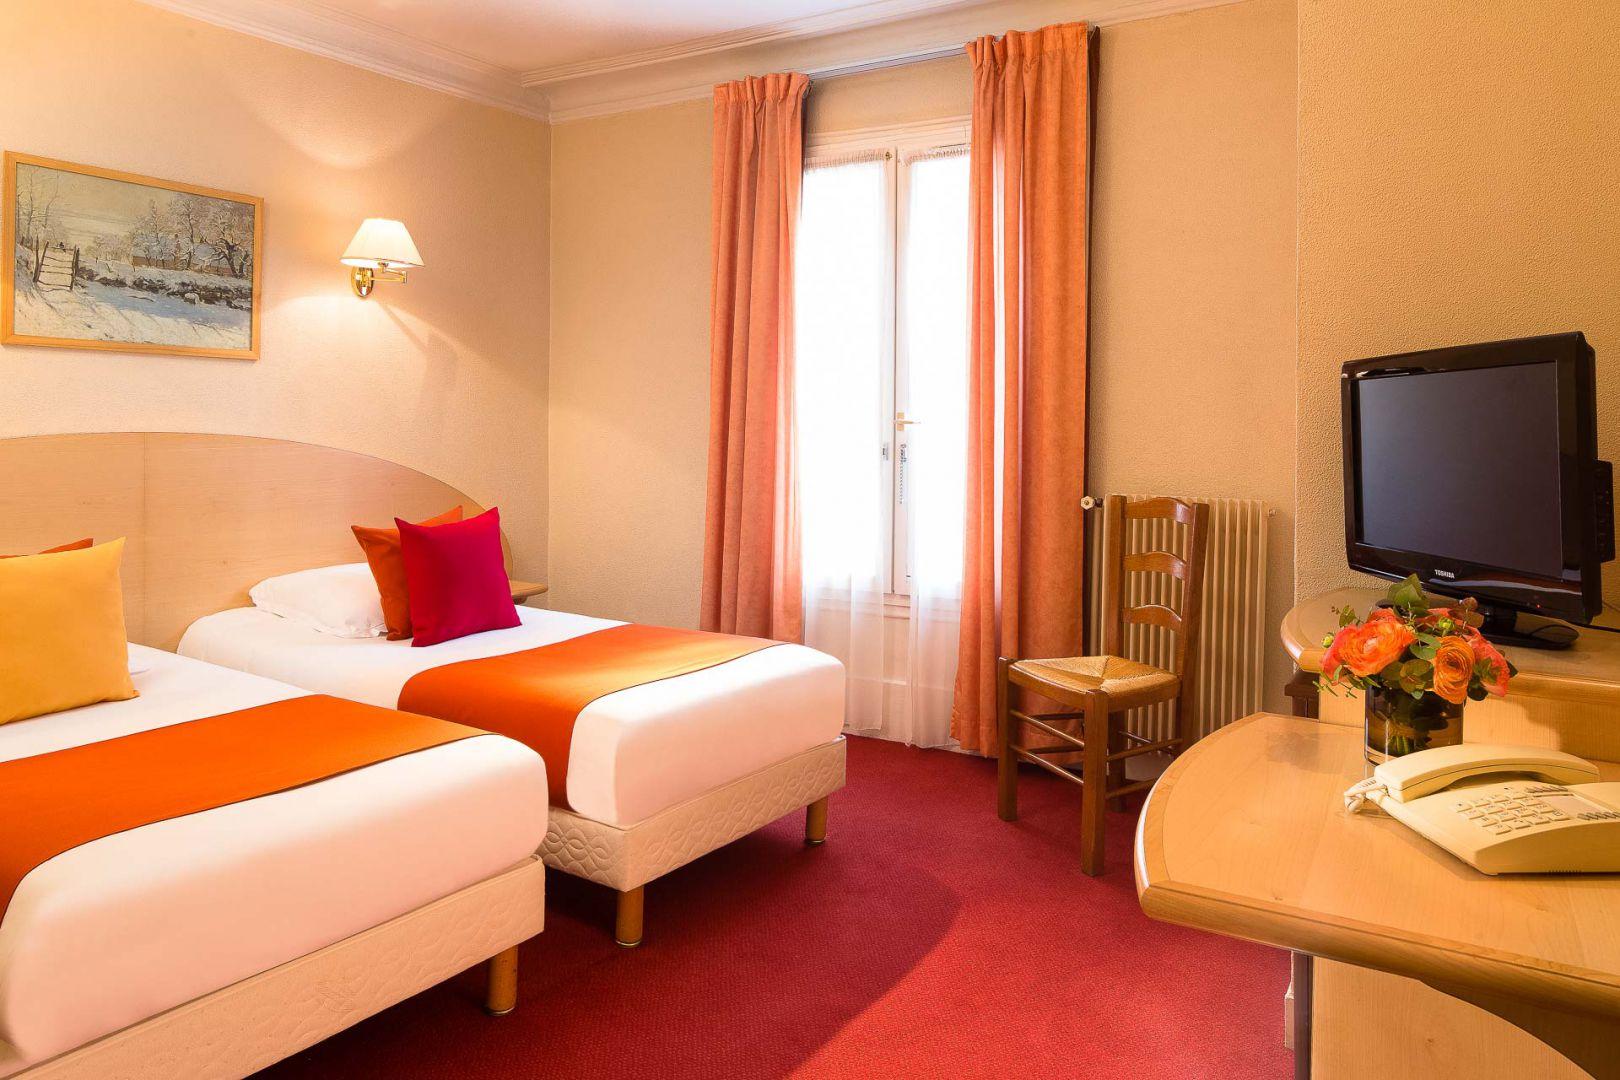 photos hotel rue saint roch londres saint honor paris 1er. Black Bedroom Furniture Sets. Home Design Ideas